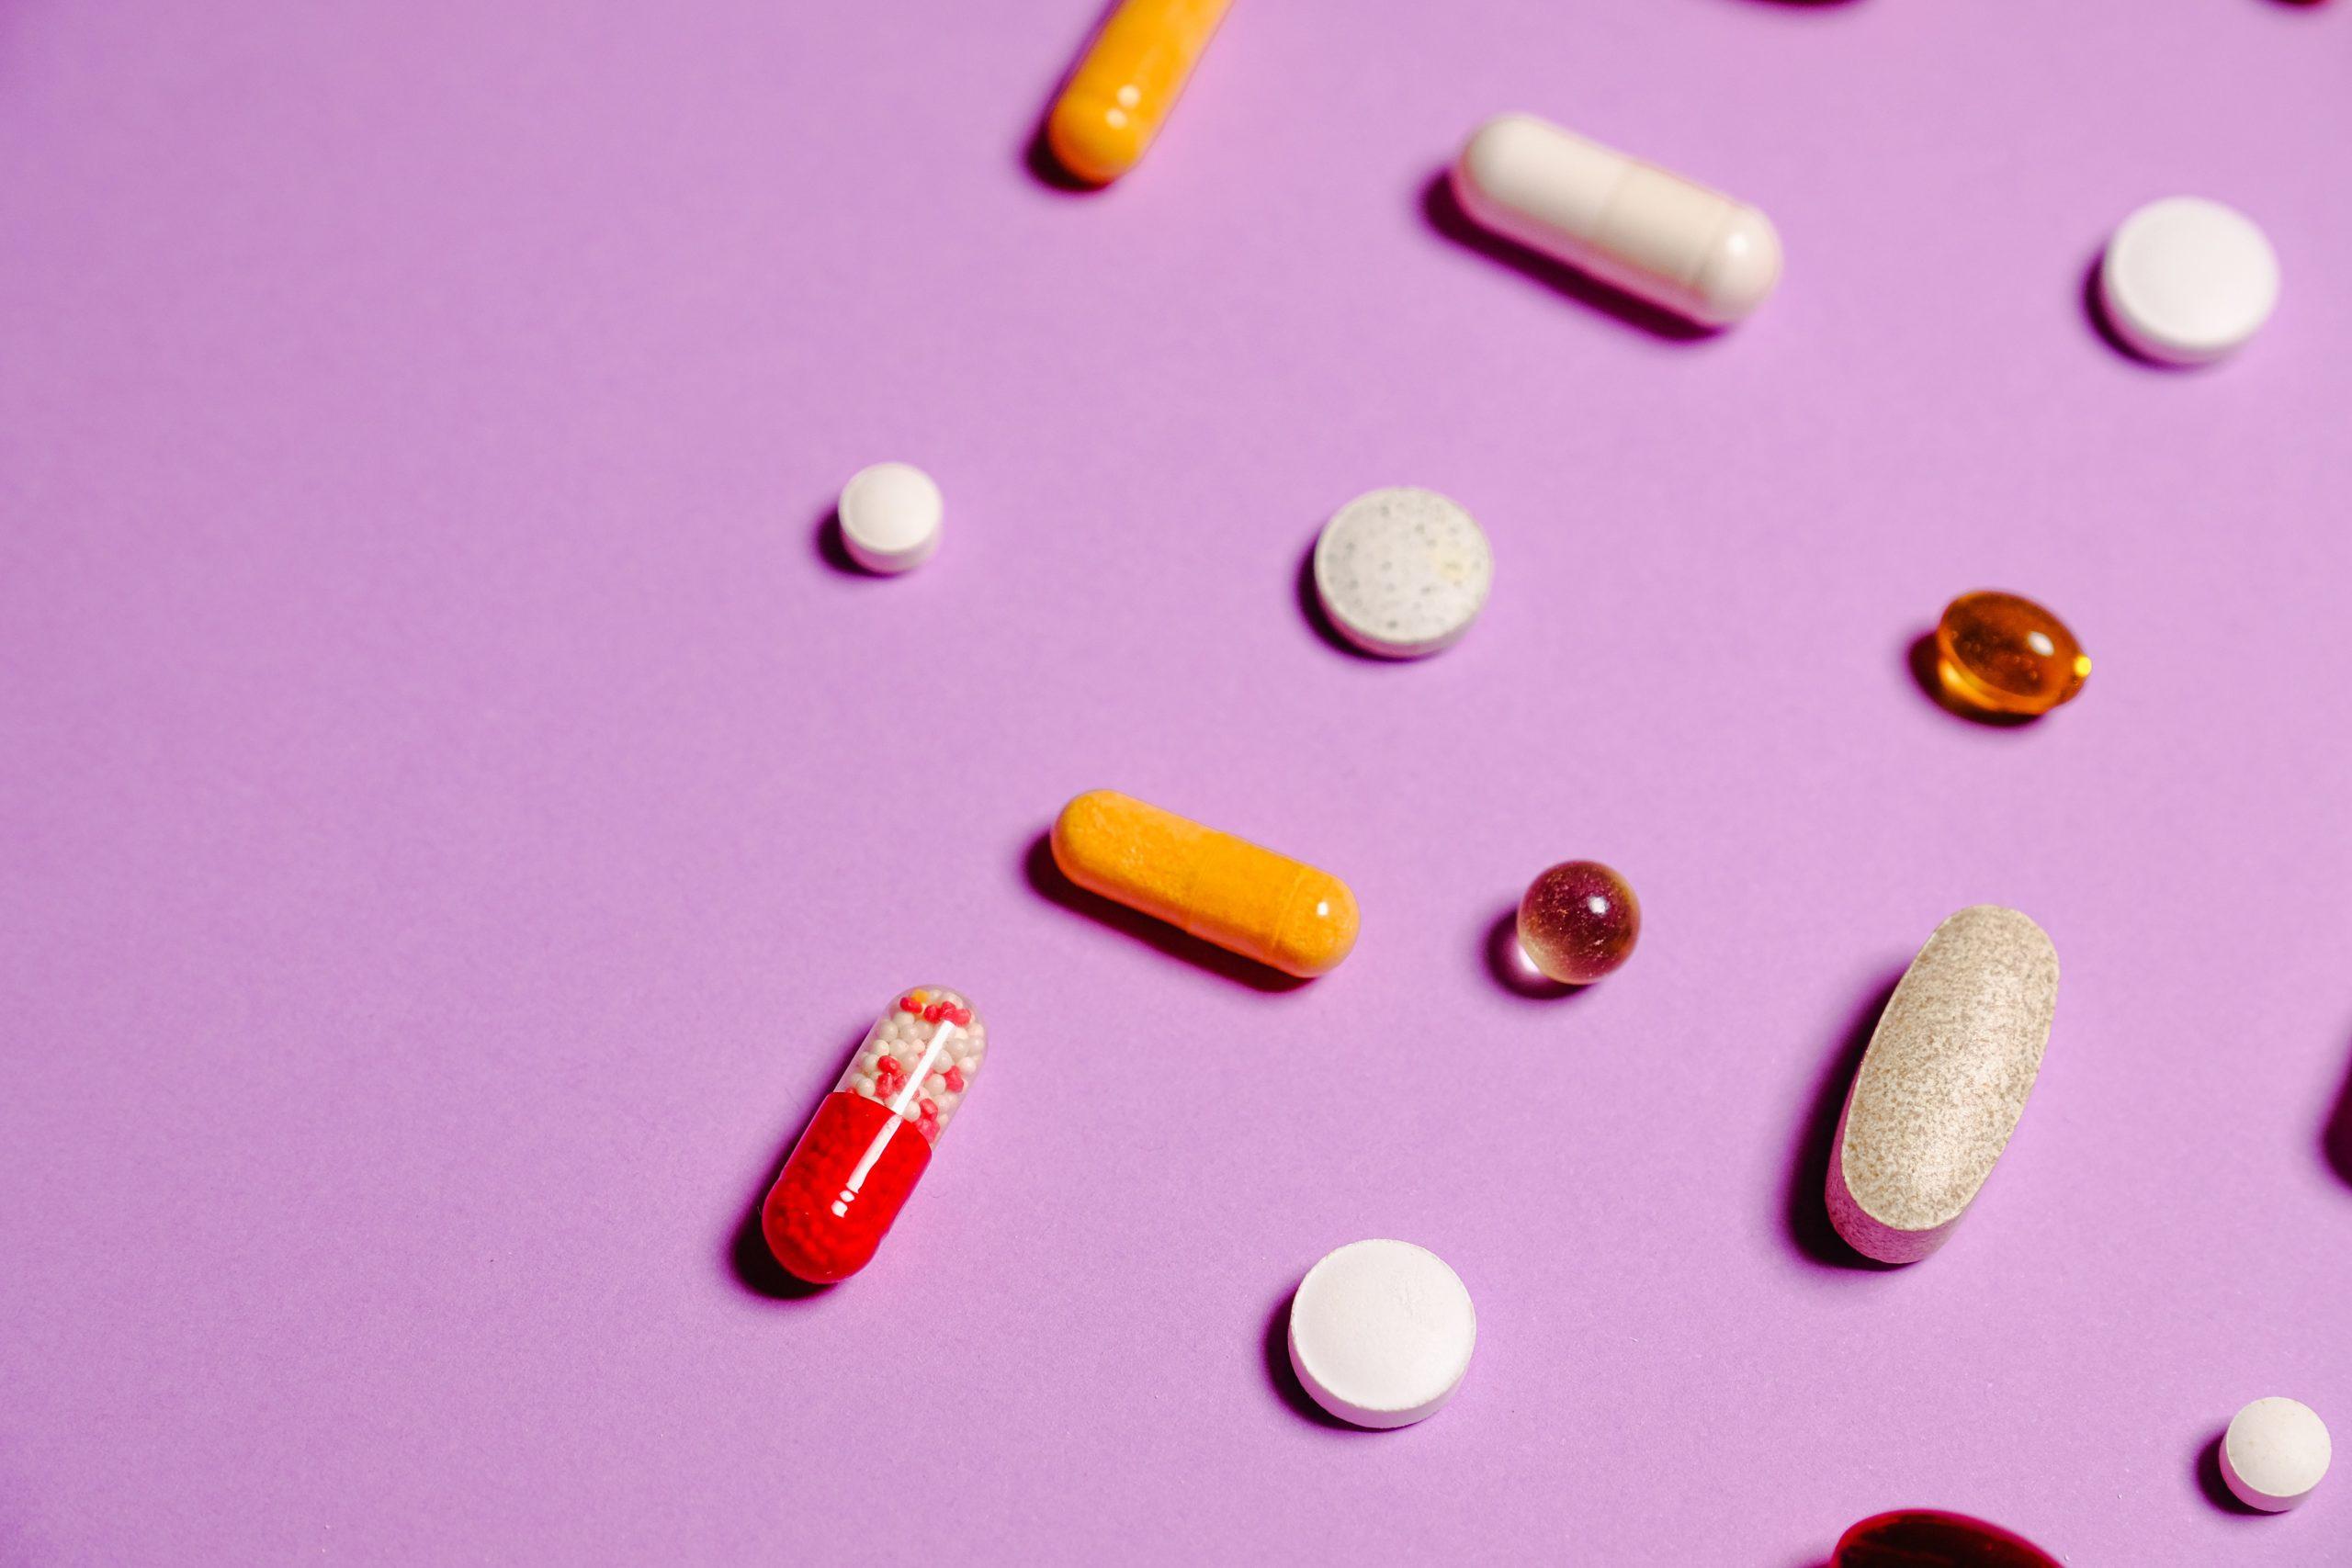 Le régime cétogène est déconseillés pour certains patients chroniques